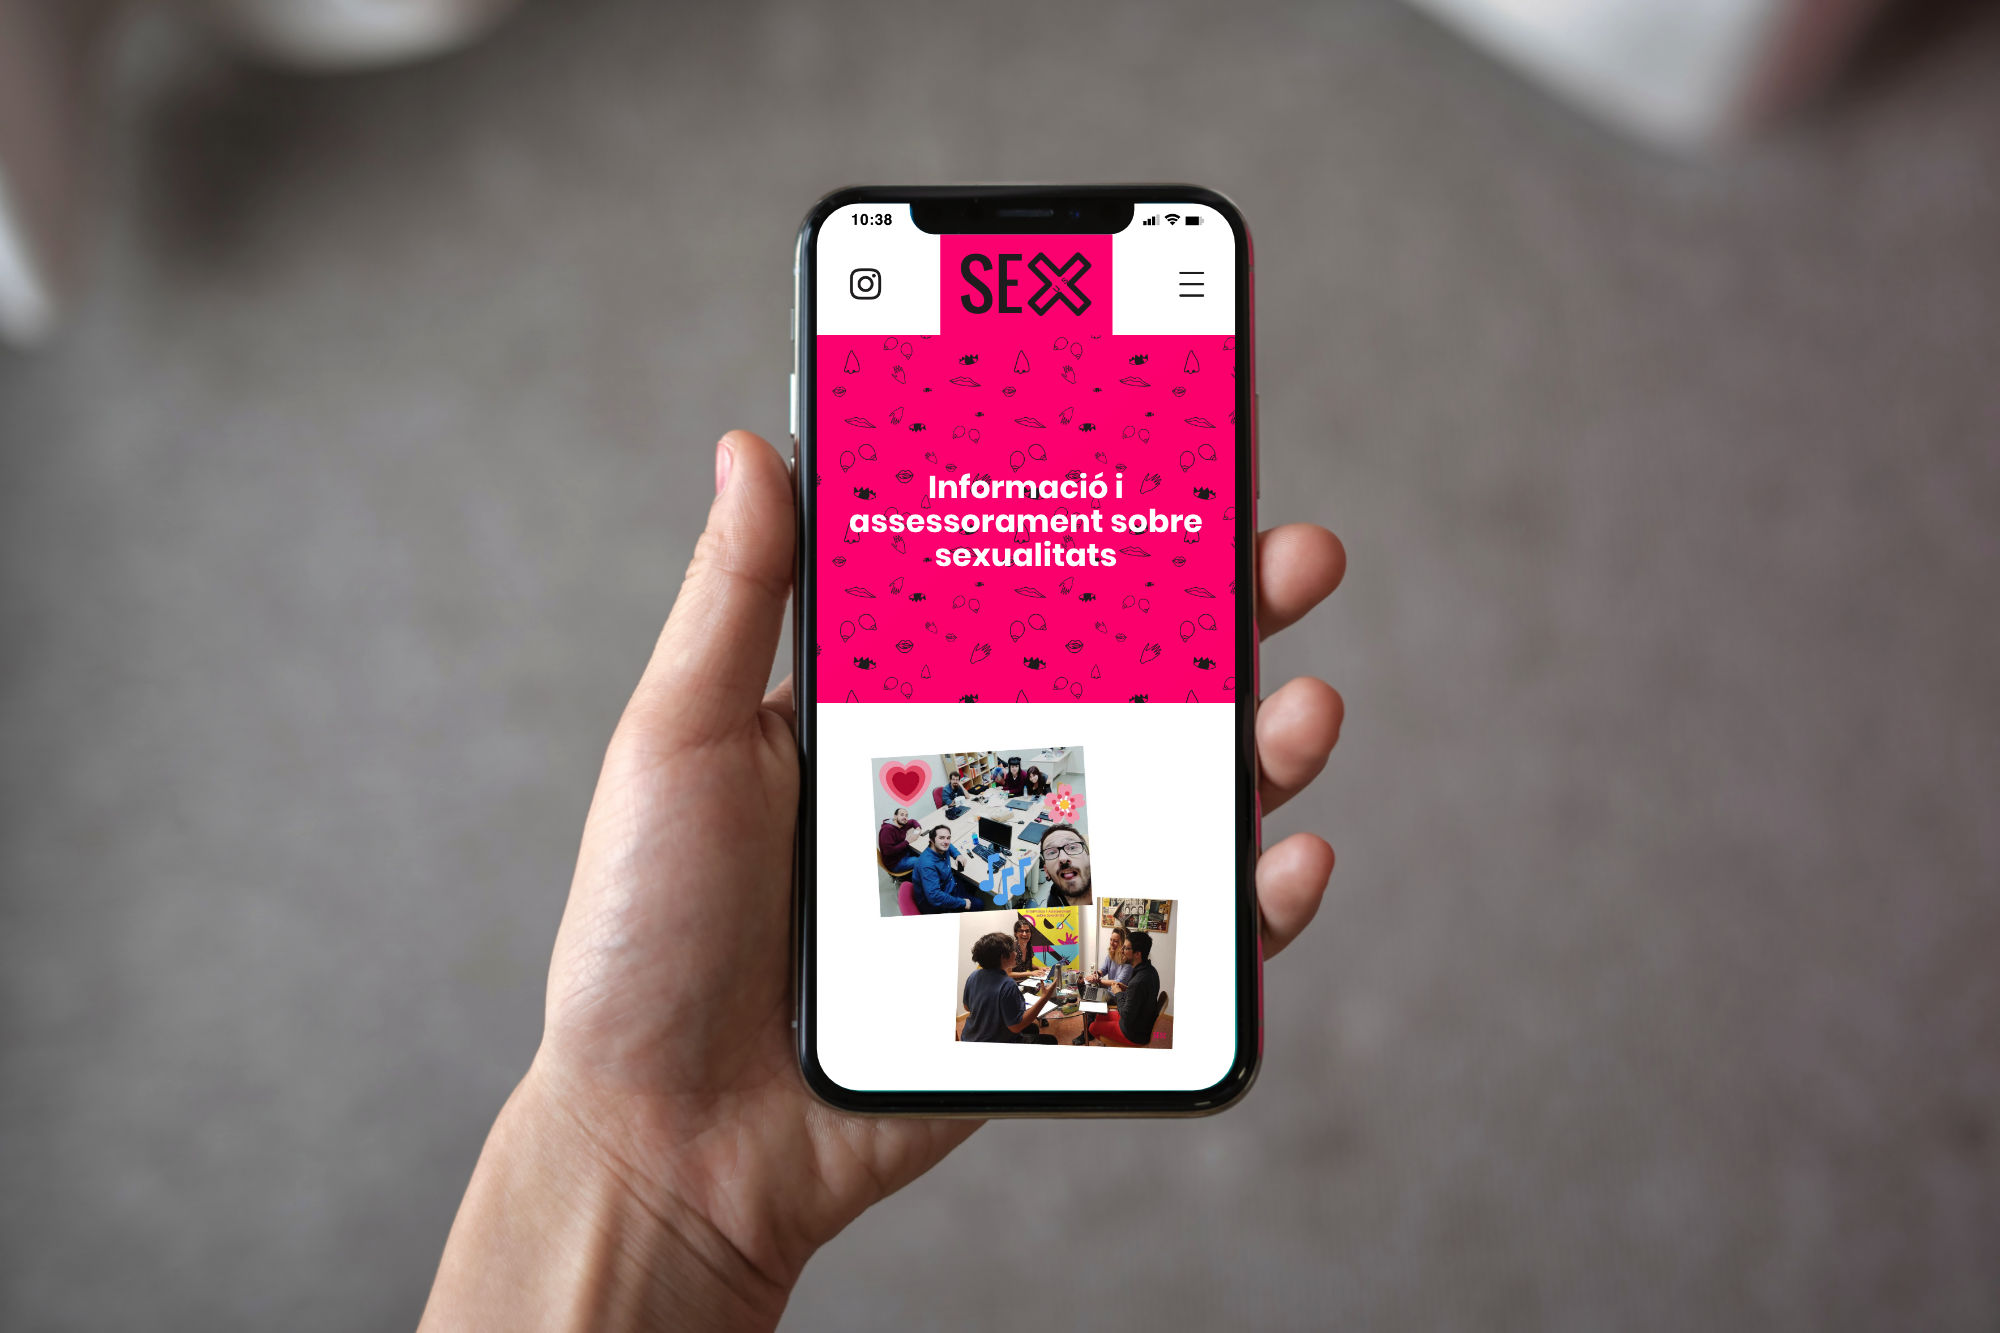 El programa Sexus d'ABD estrena web per promoure l'educació i la salut sexual des d'una perspectiva de gènere i drets